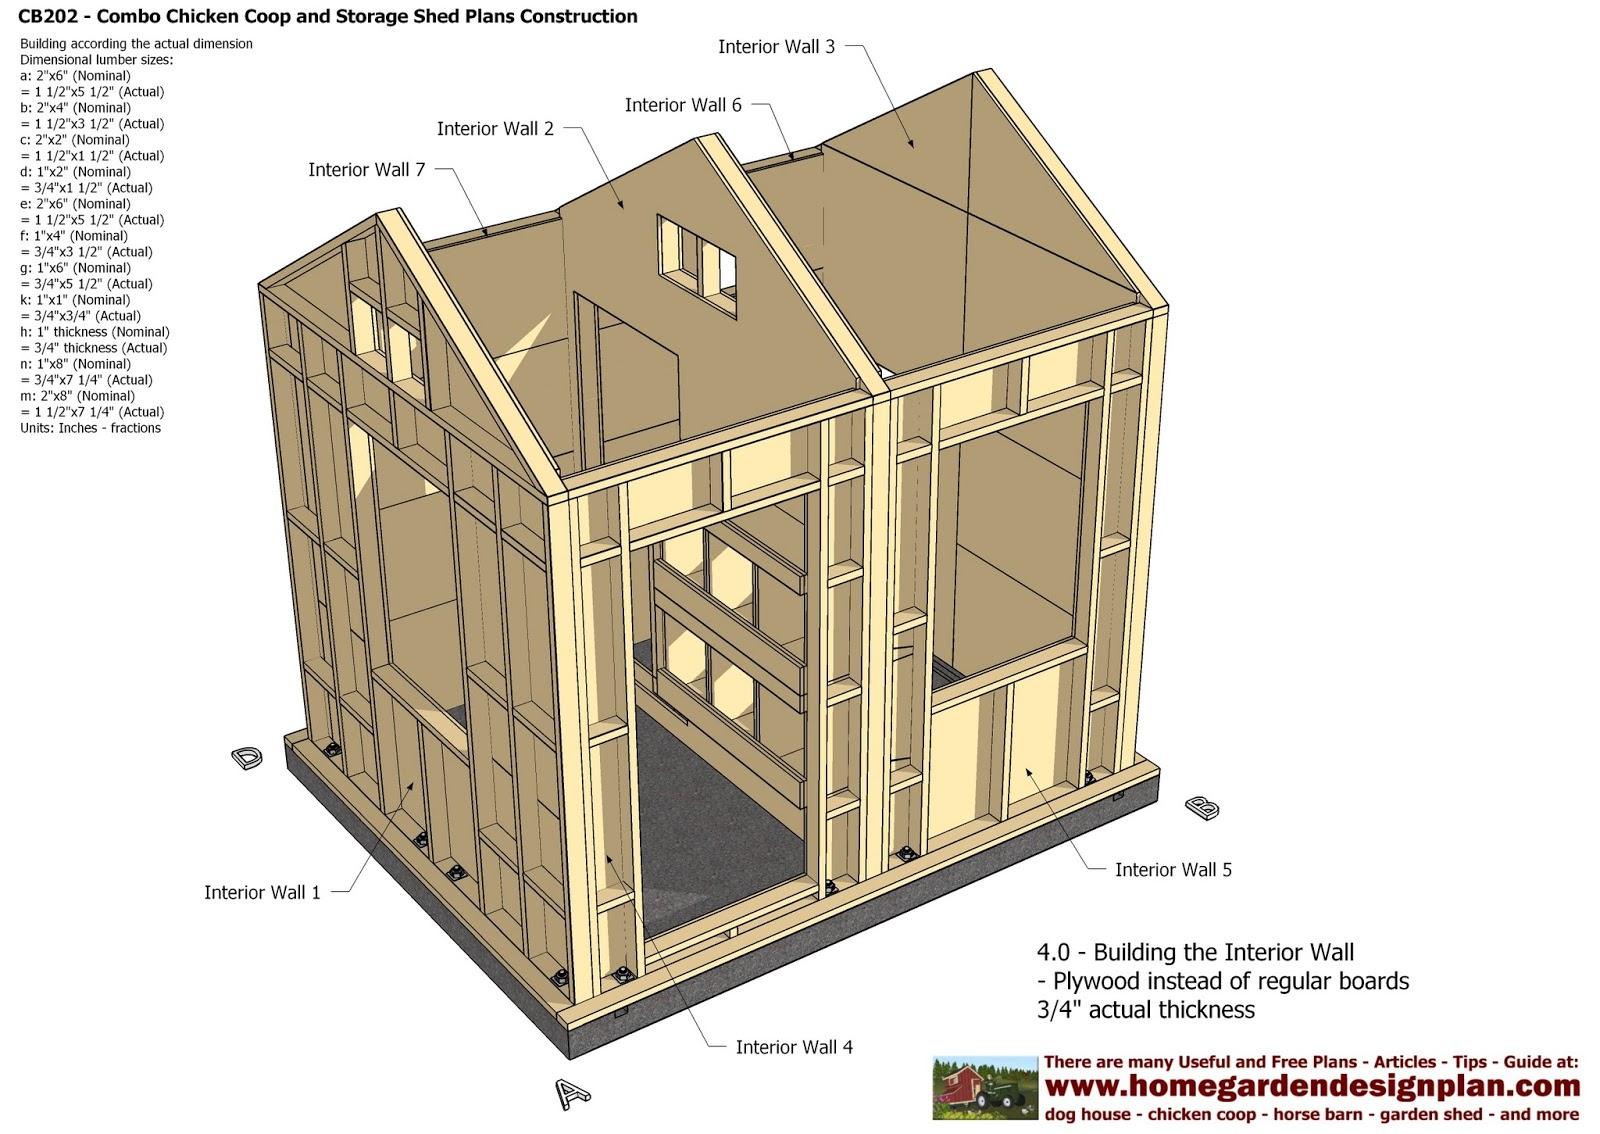 greenhouse chicken coop combo plans diy coop channel - Chicken Co Op Plans And Greenhouse